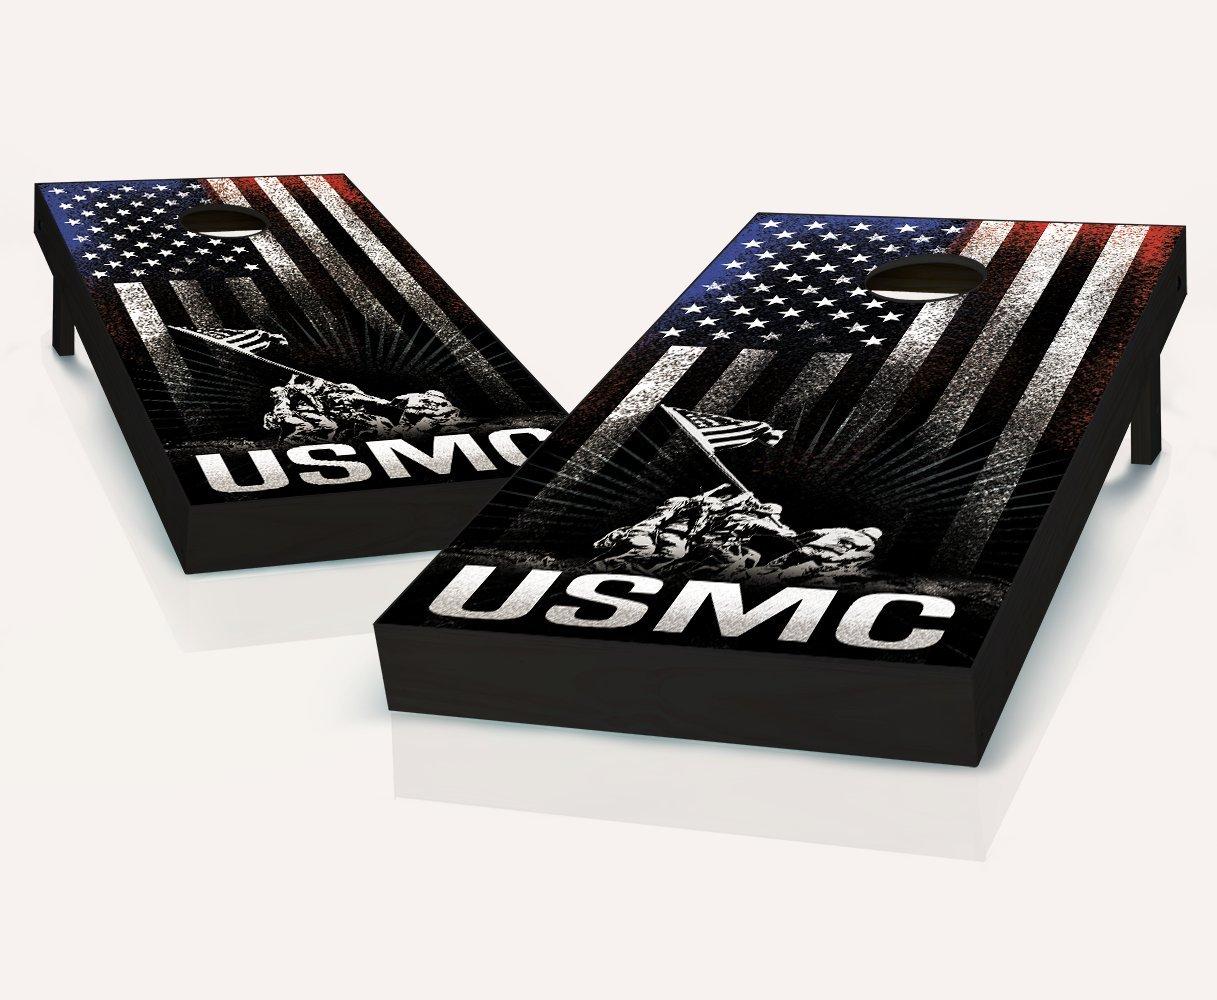 USMC HangingストライプCornhole Boards withのセット8 Cornhole Bags B079Z99TTS